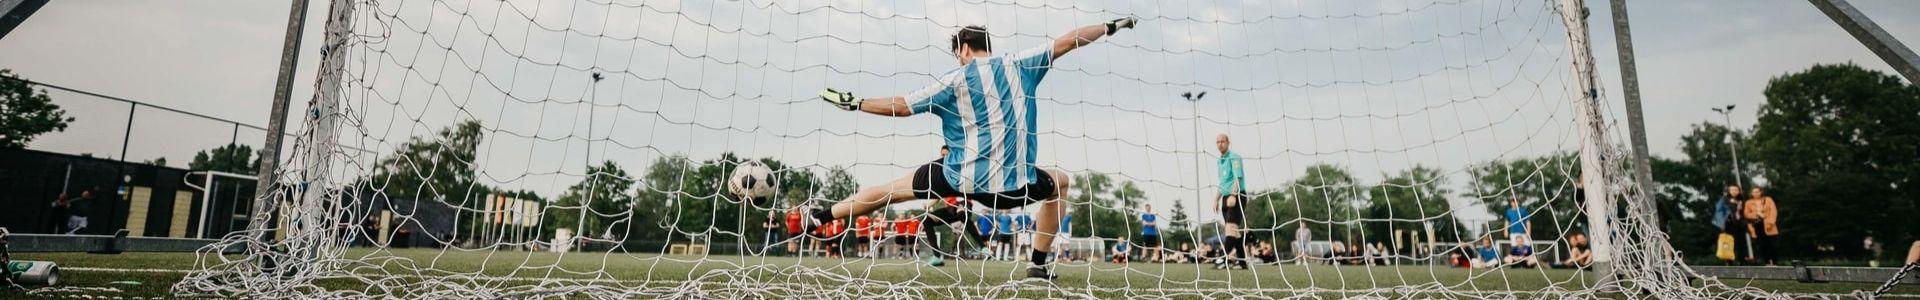 Voetbal wedstrijd livestreamen